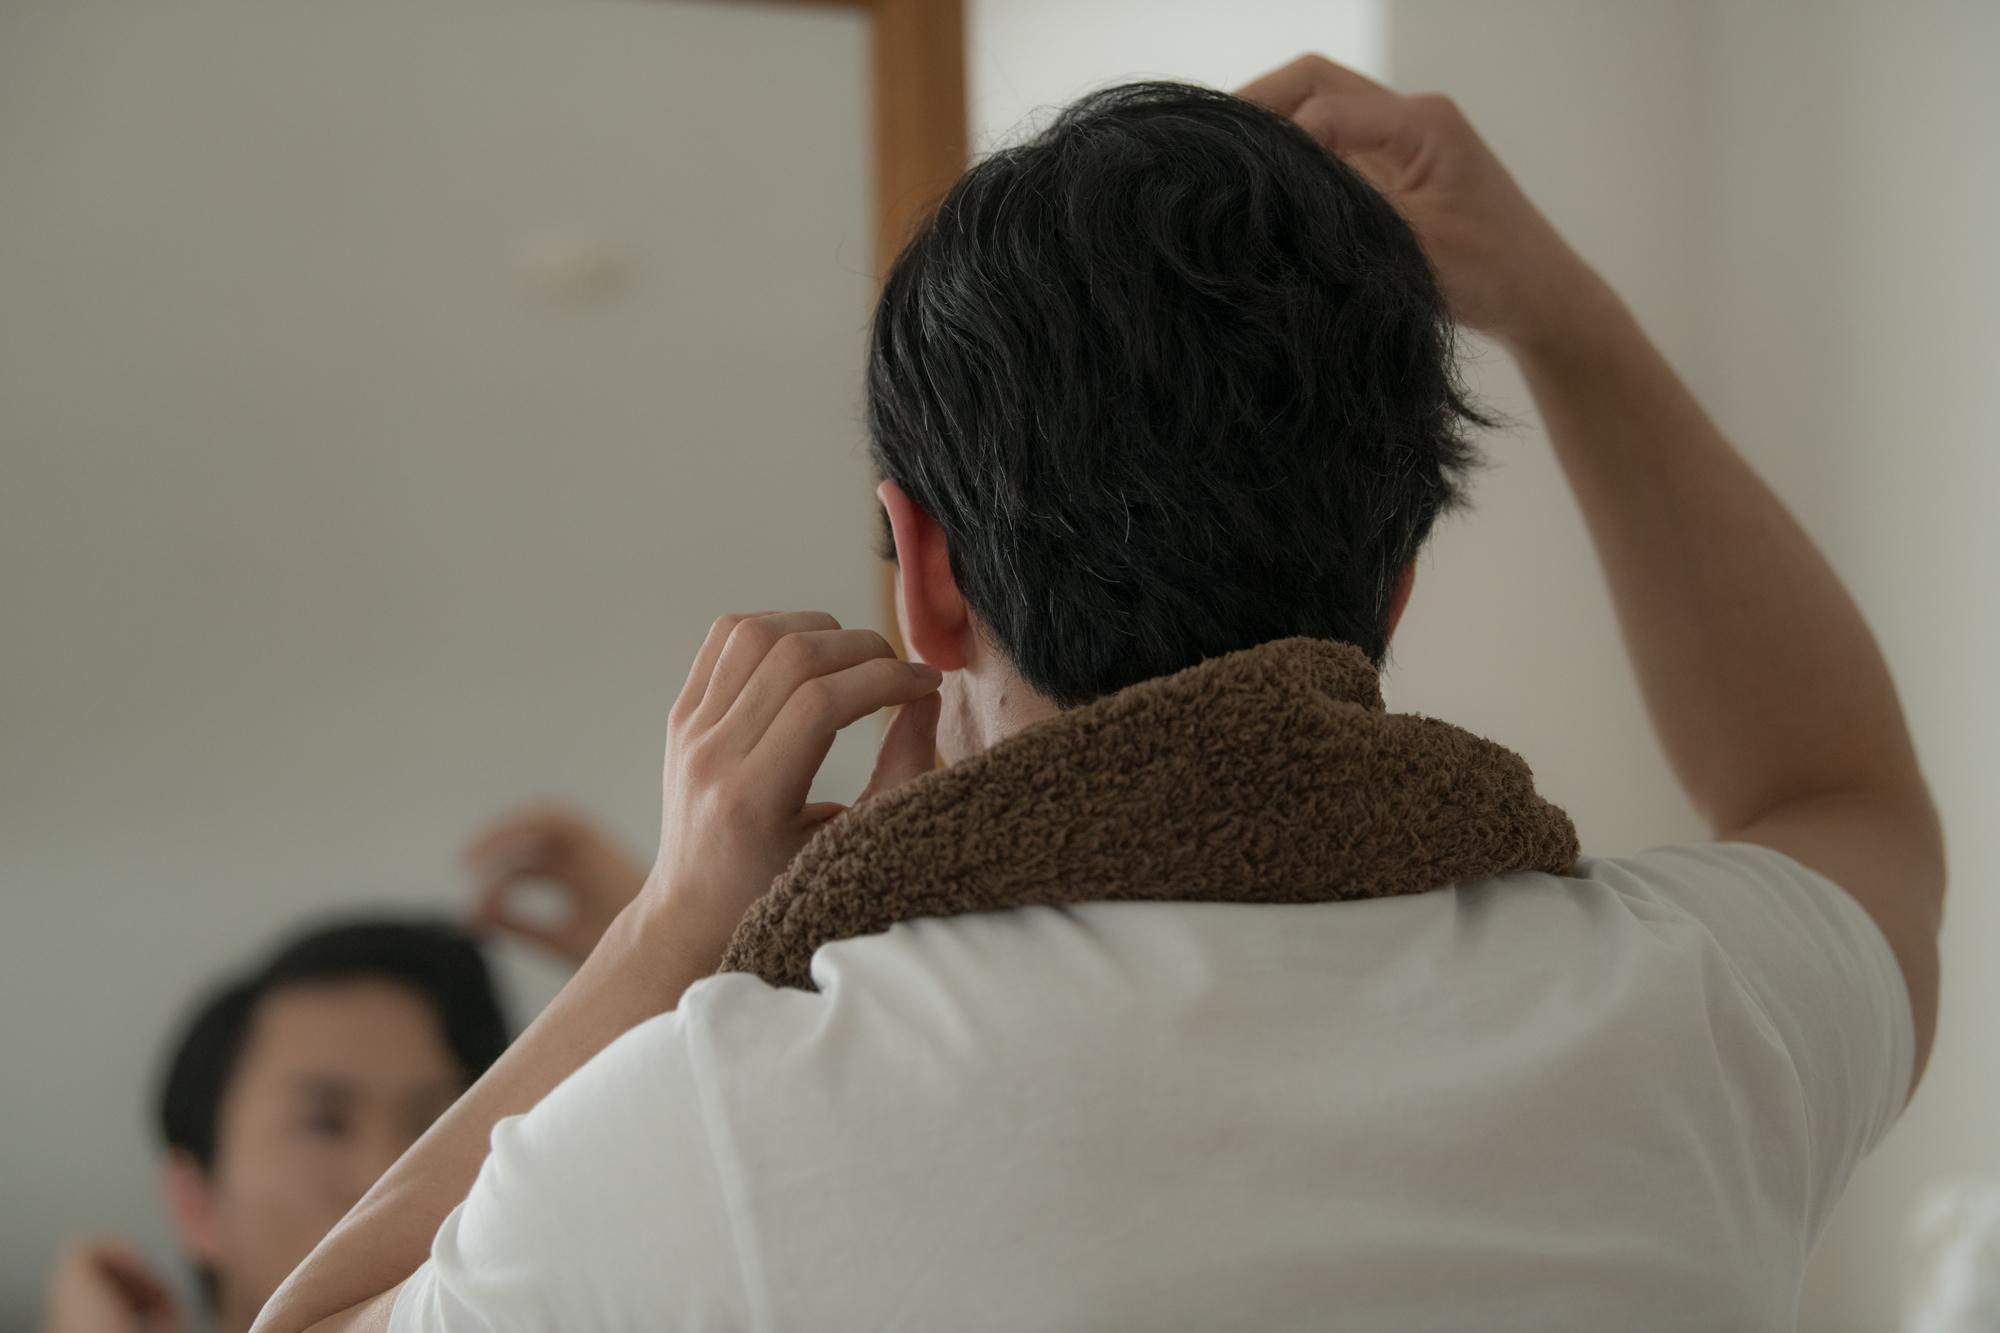 産毛が生えてきたらAGA改善の兆し?なぜ産毛が生えてくるのか?